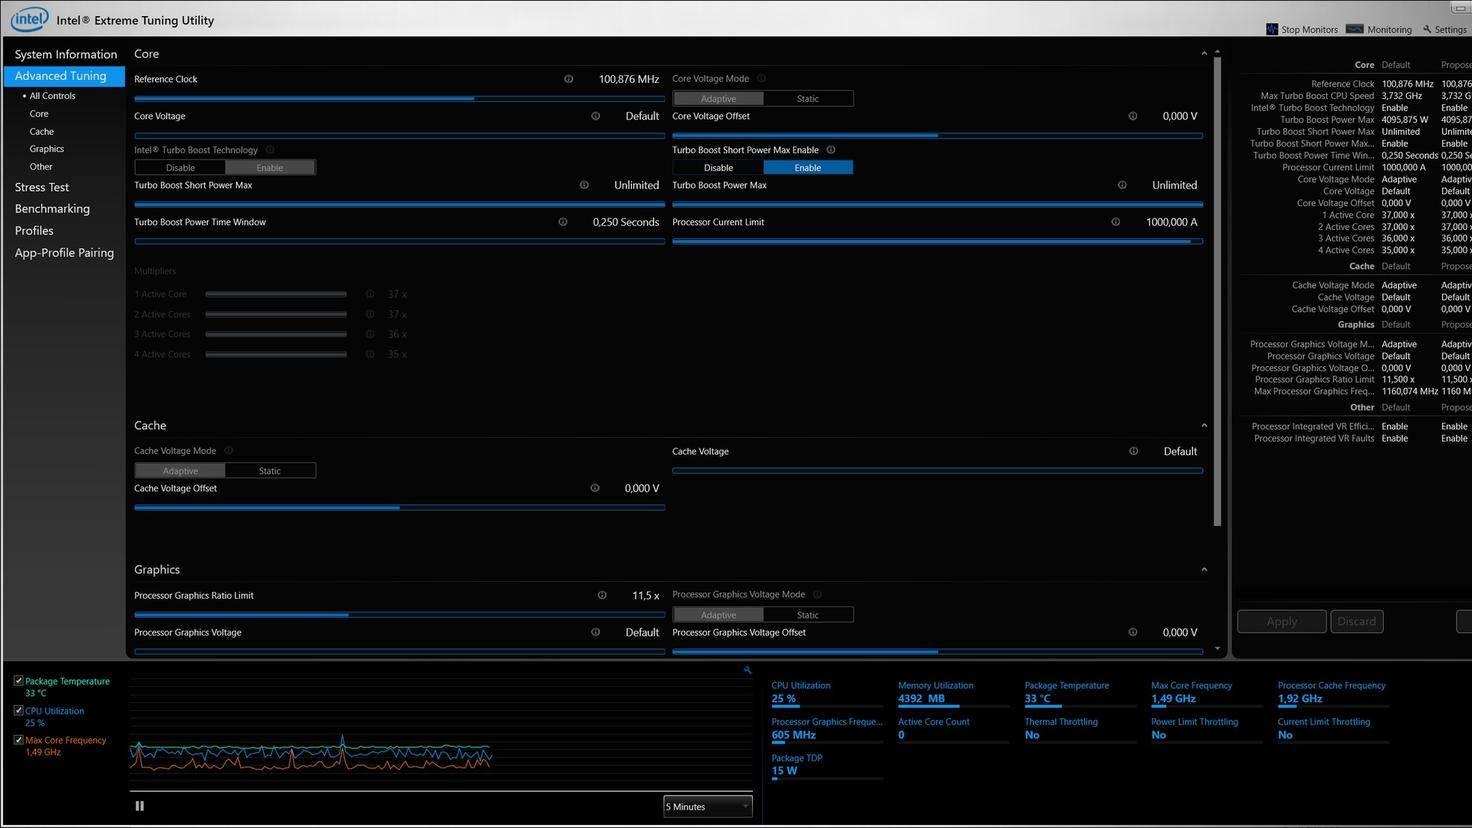 Der im UEFI erhöhte Kerntakt könnte auch mit dem Intel-Tool erhöht werden.